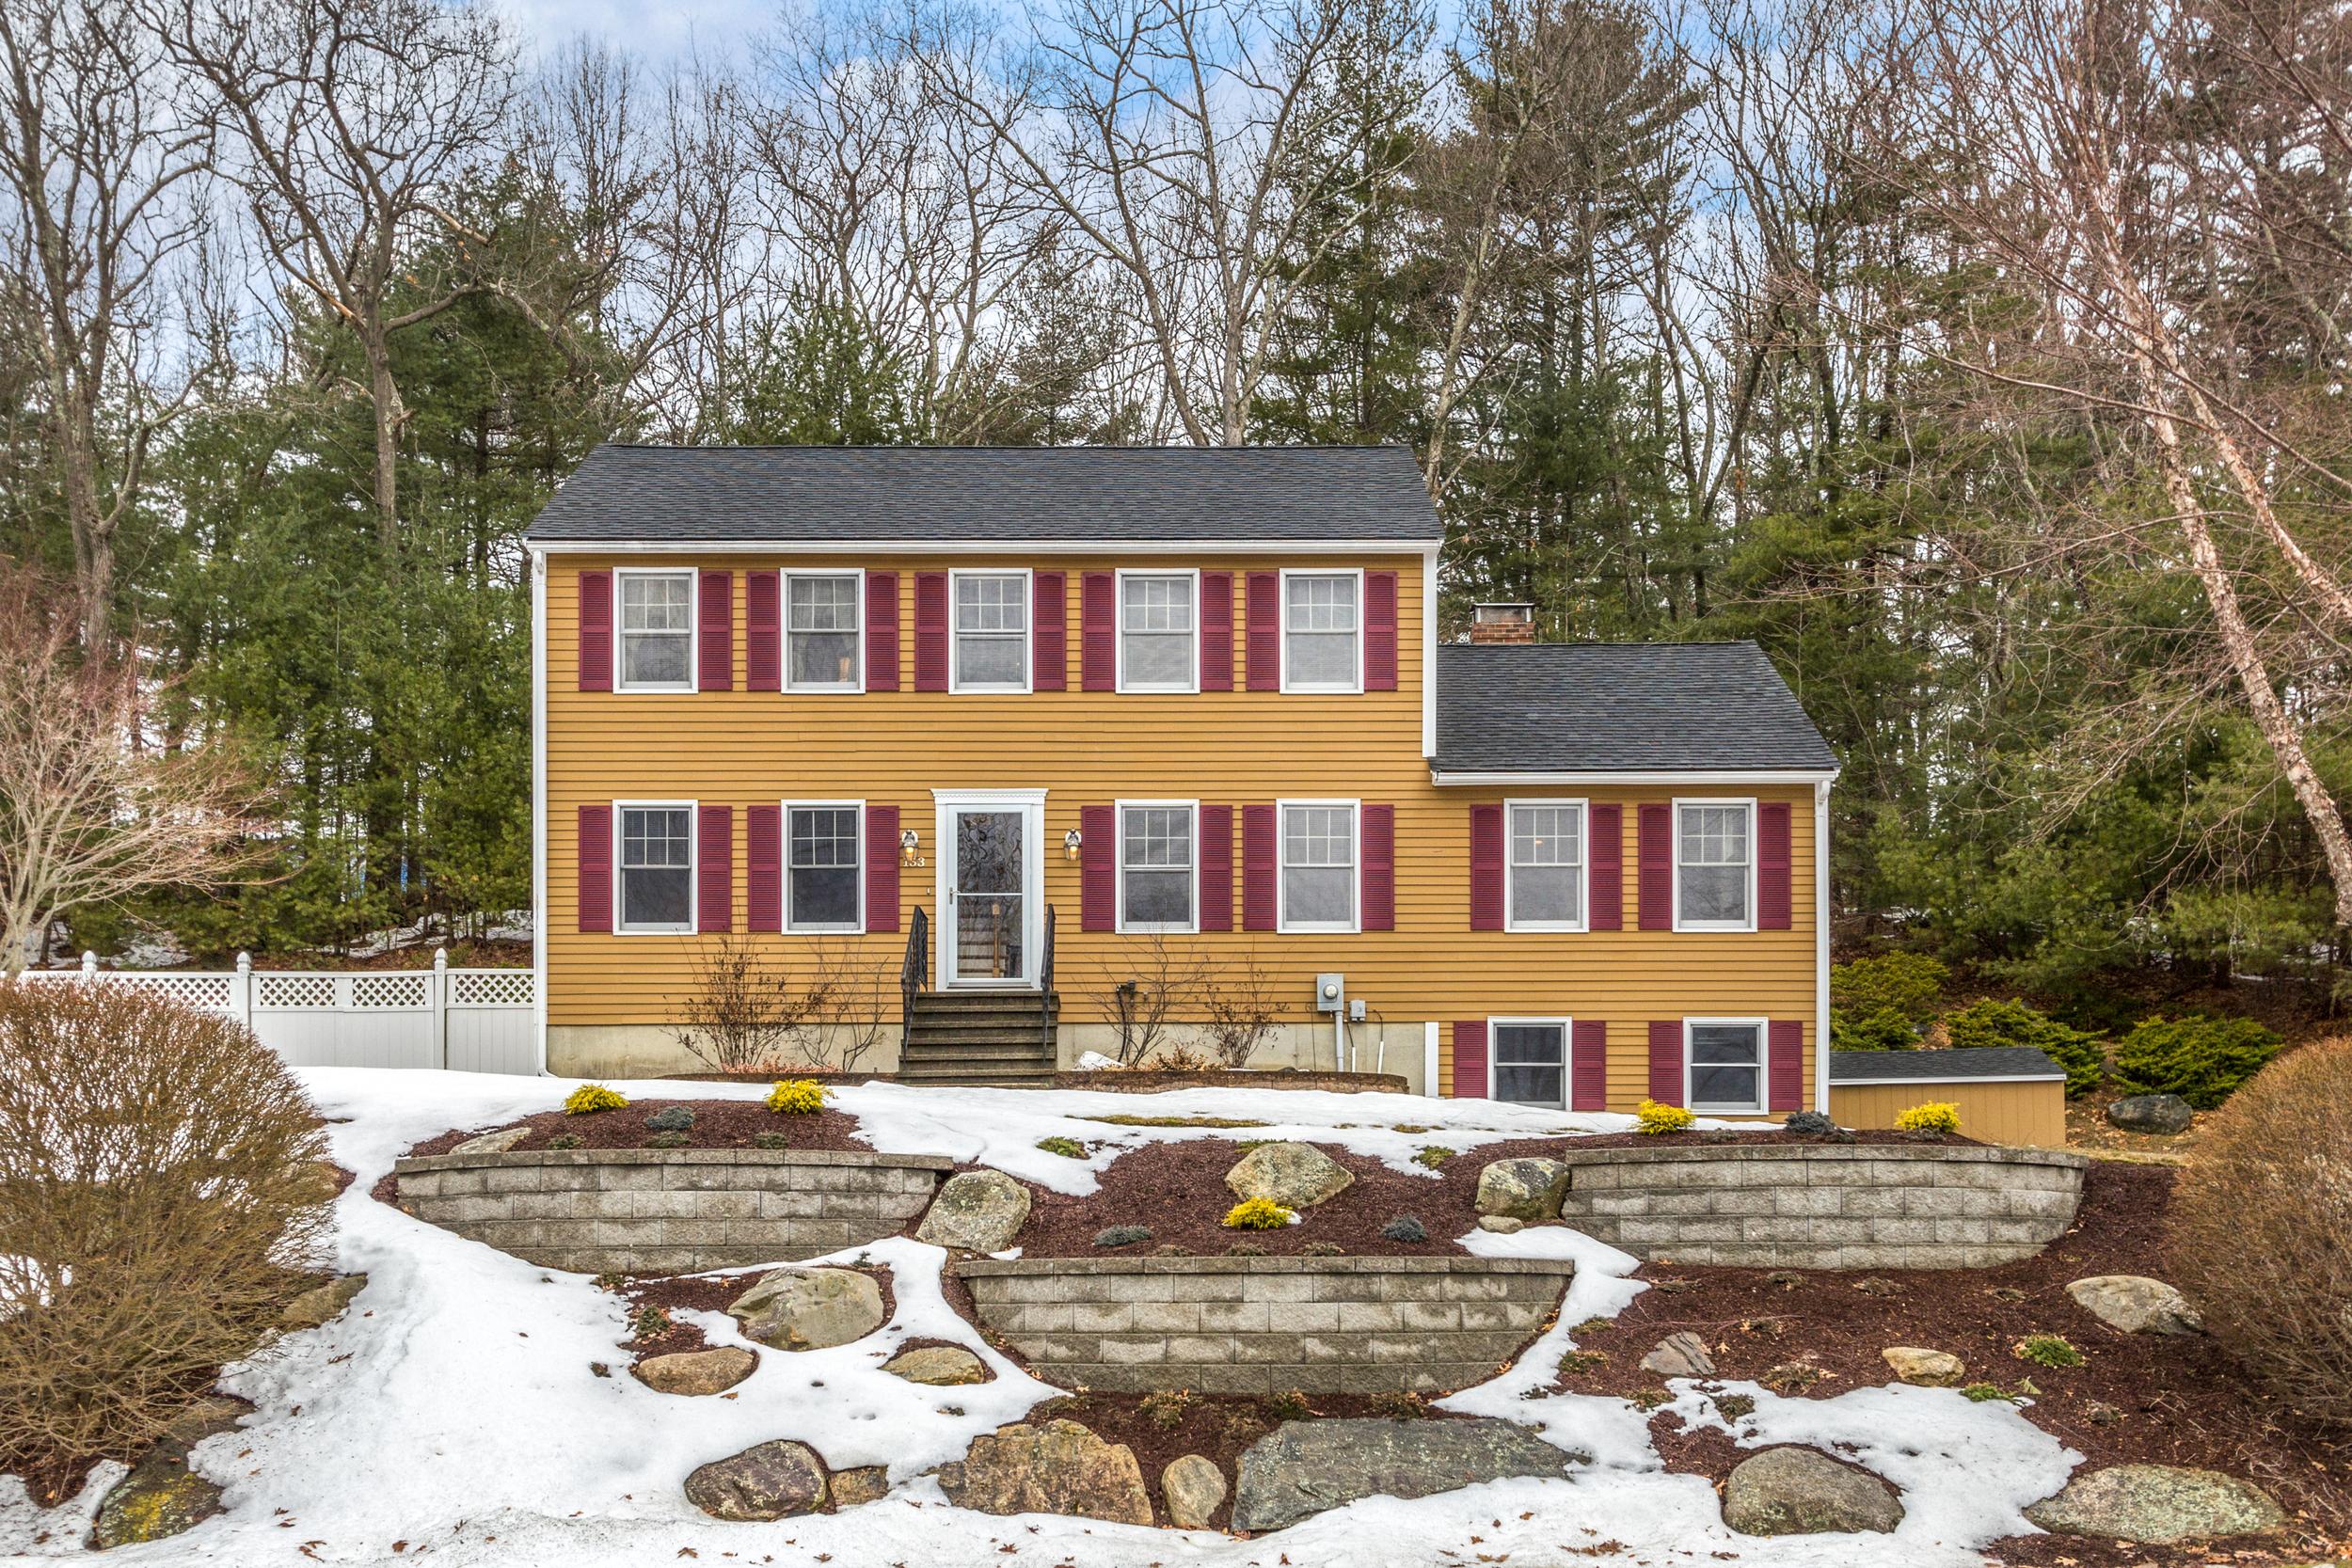 133 Alana dr. northbridge -Sold- $381k (sell side)